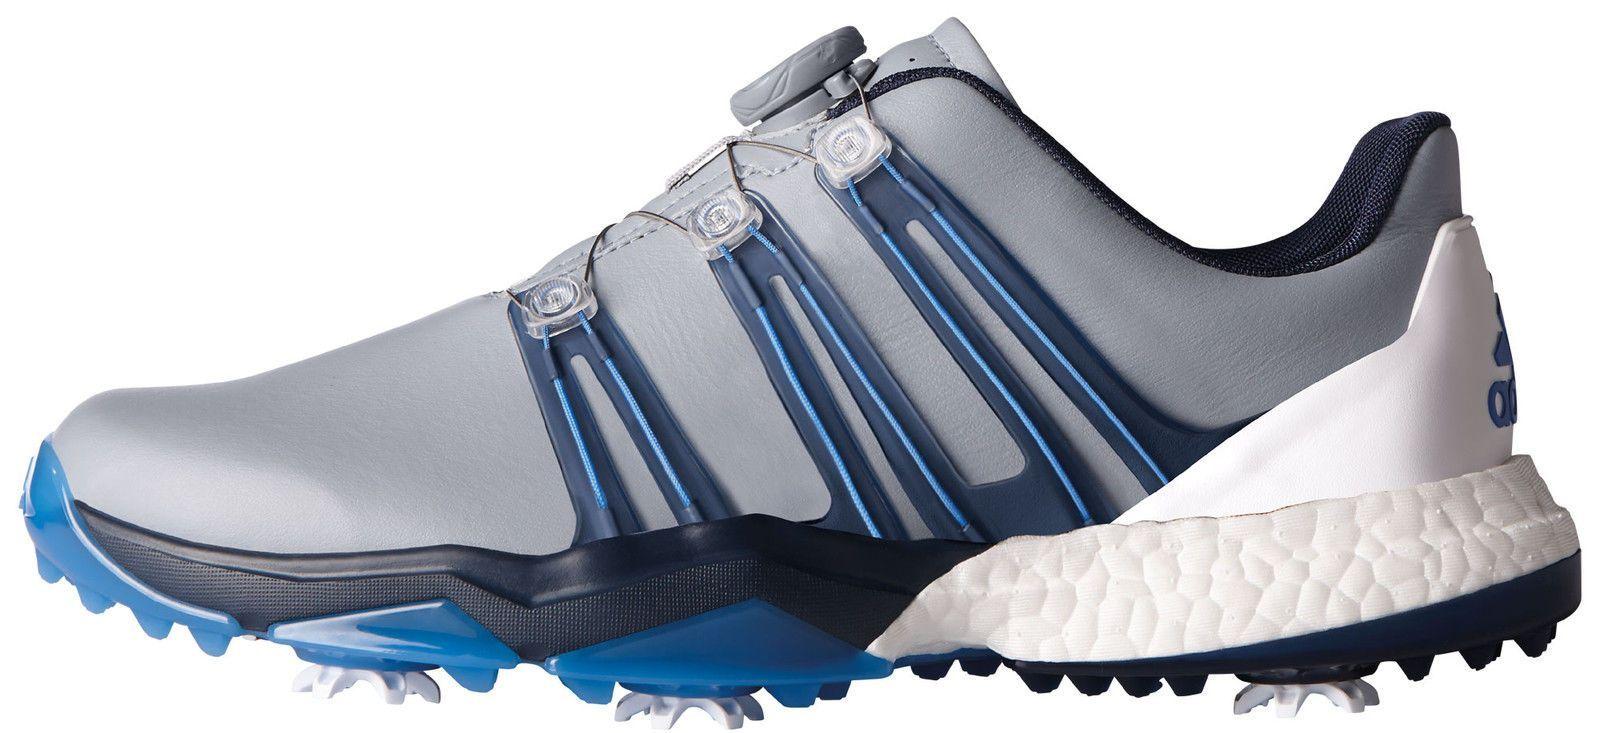 Adidas powerband boa impulso scarpe da golf q44770 grey / slate / esplosione